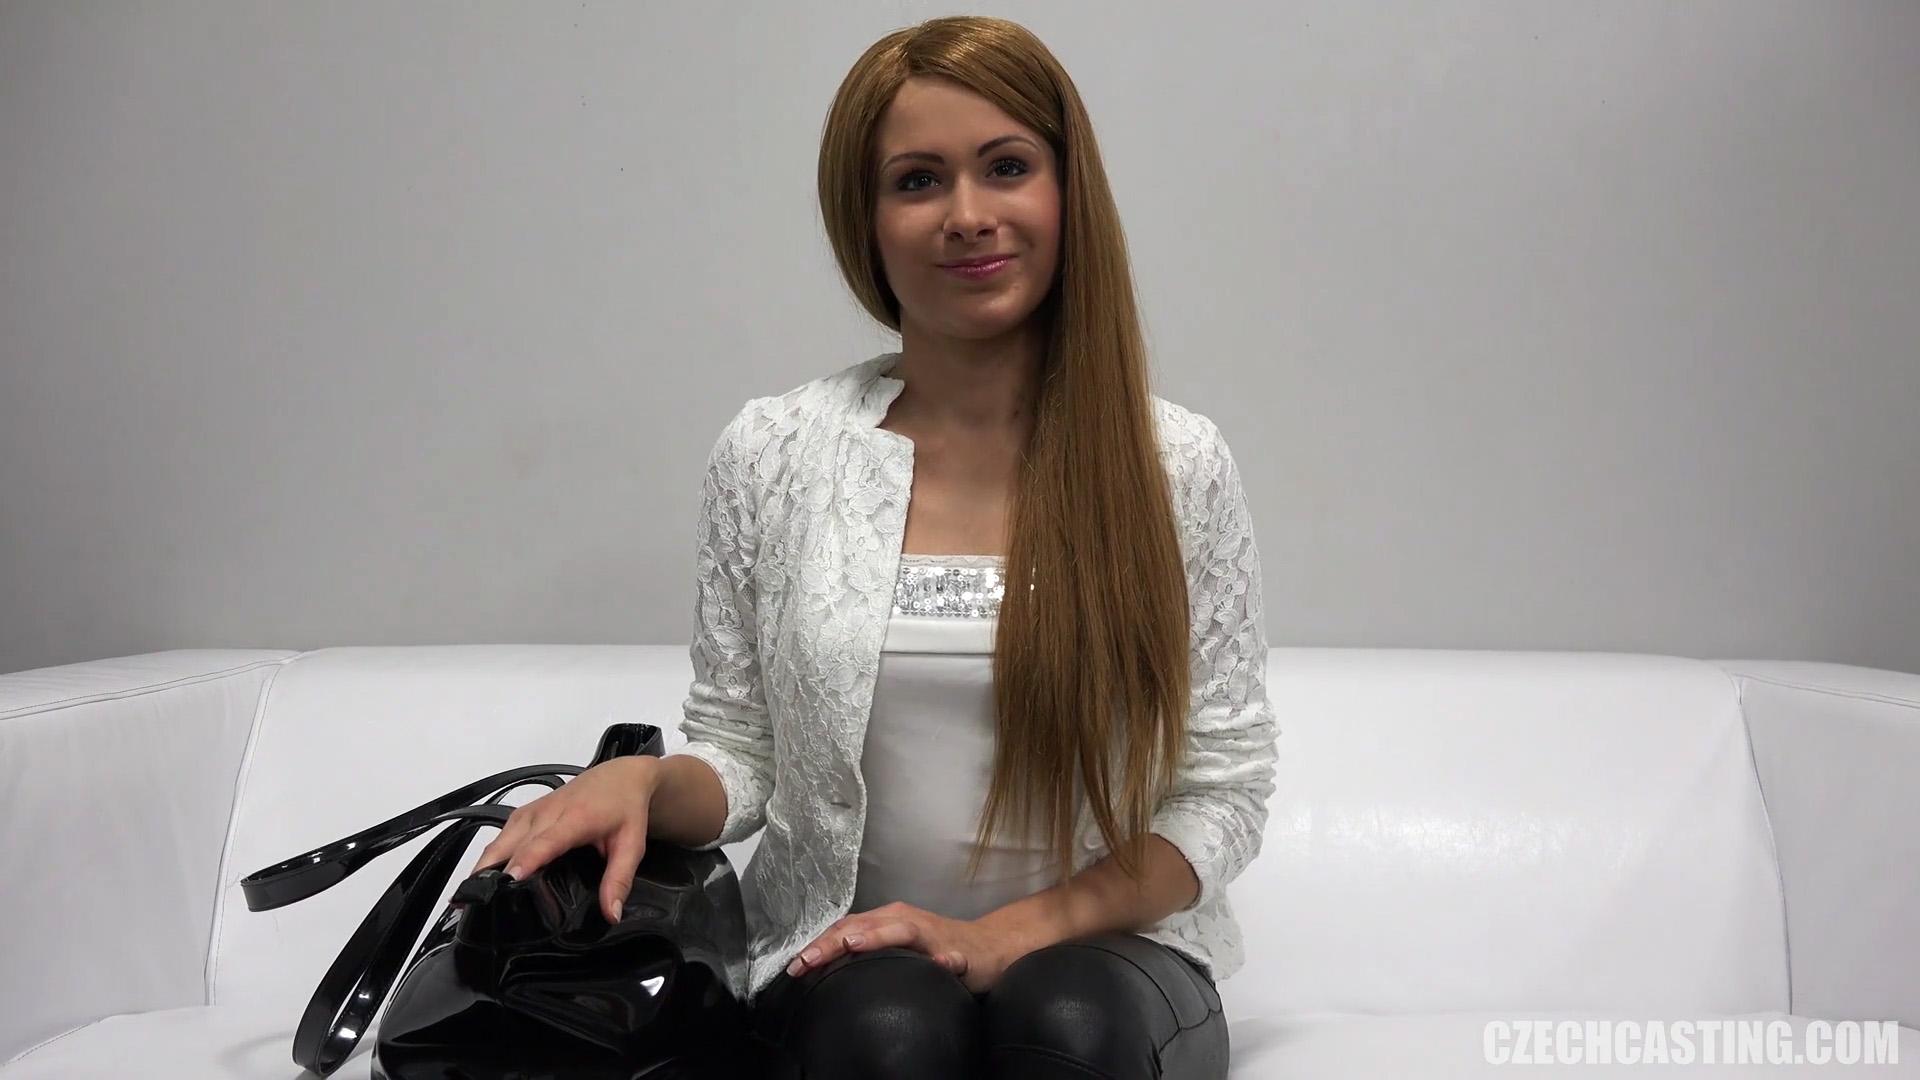 Anal Hart Casting Tschechisch Vergewaltigung Tube